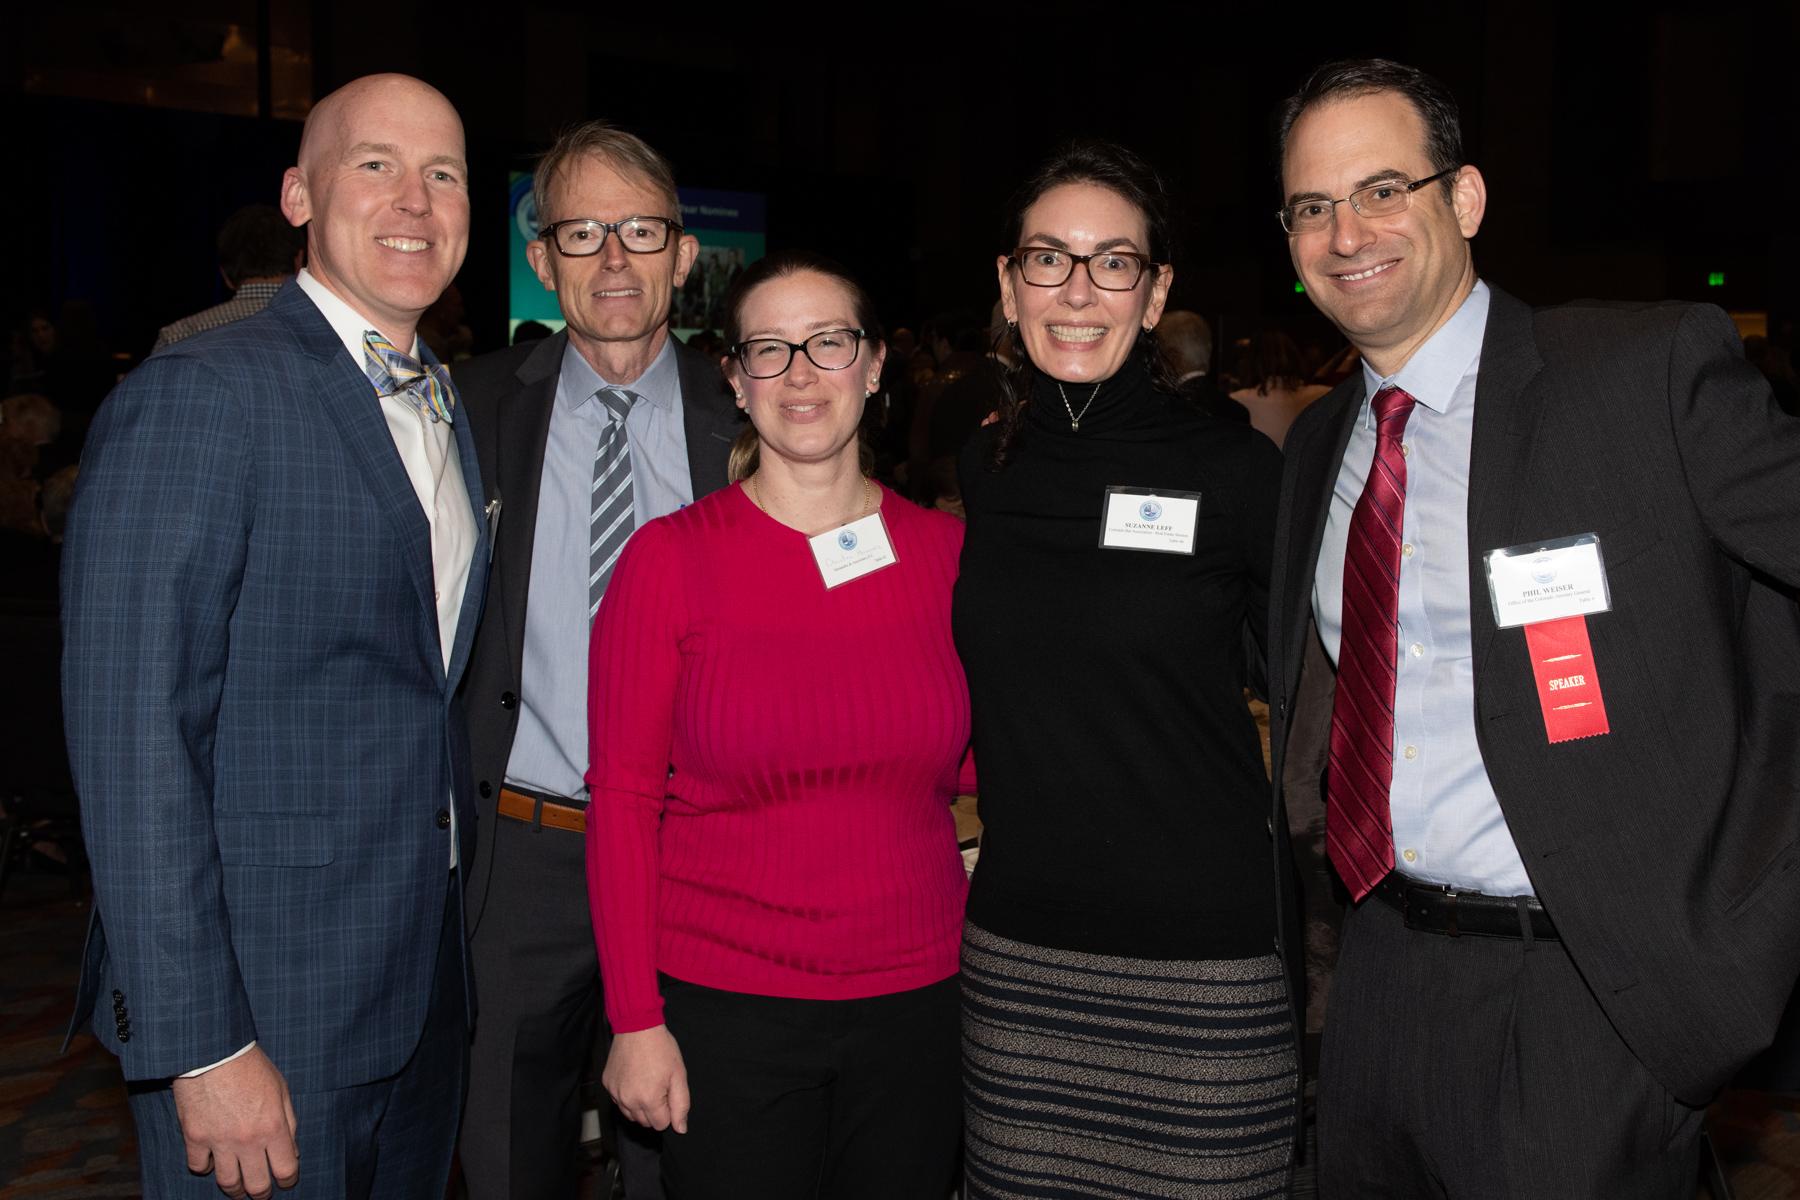 _DSC7217 John McHugh, Robert Dodd, Christine Hernandez, Suzanne Leff & Phil Weiser (courtesy of Hartmannphoto).jpg